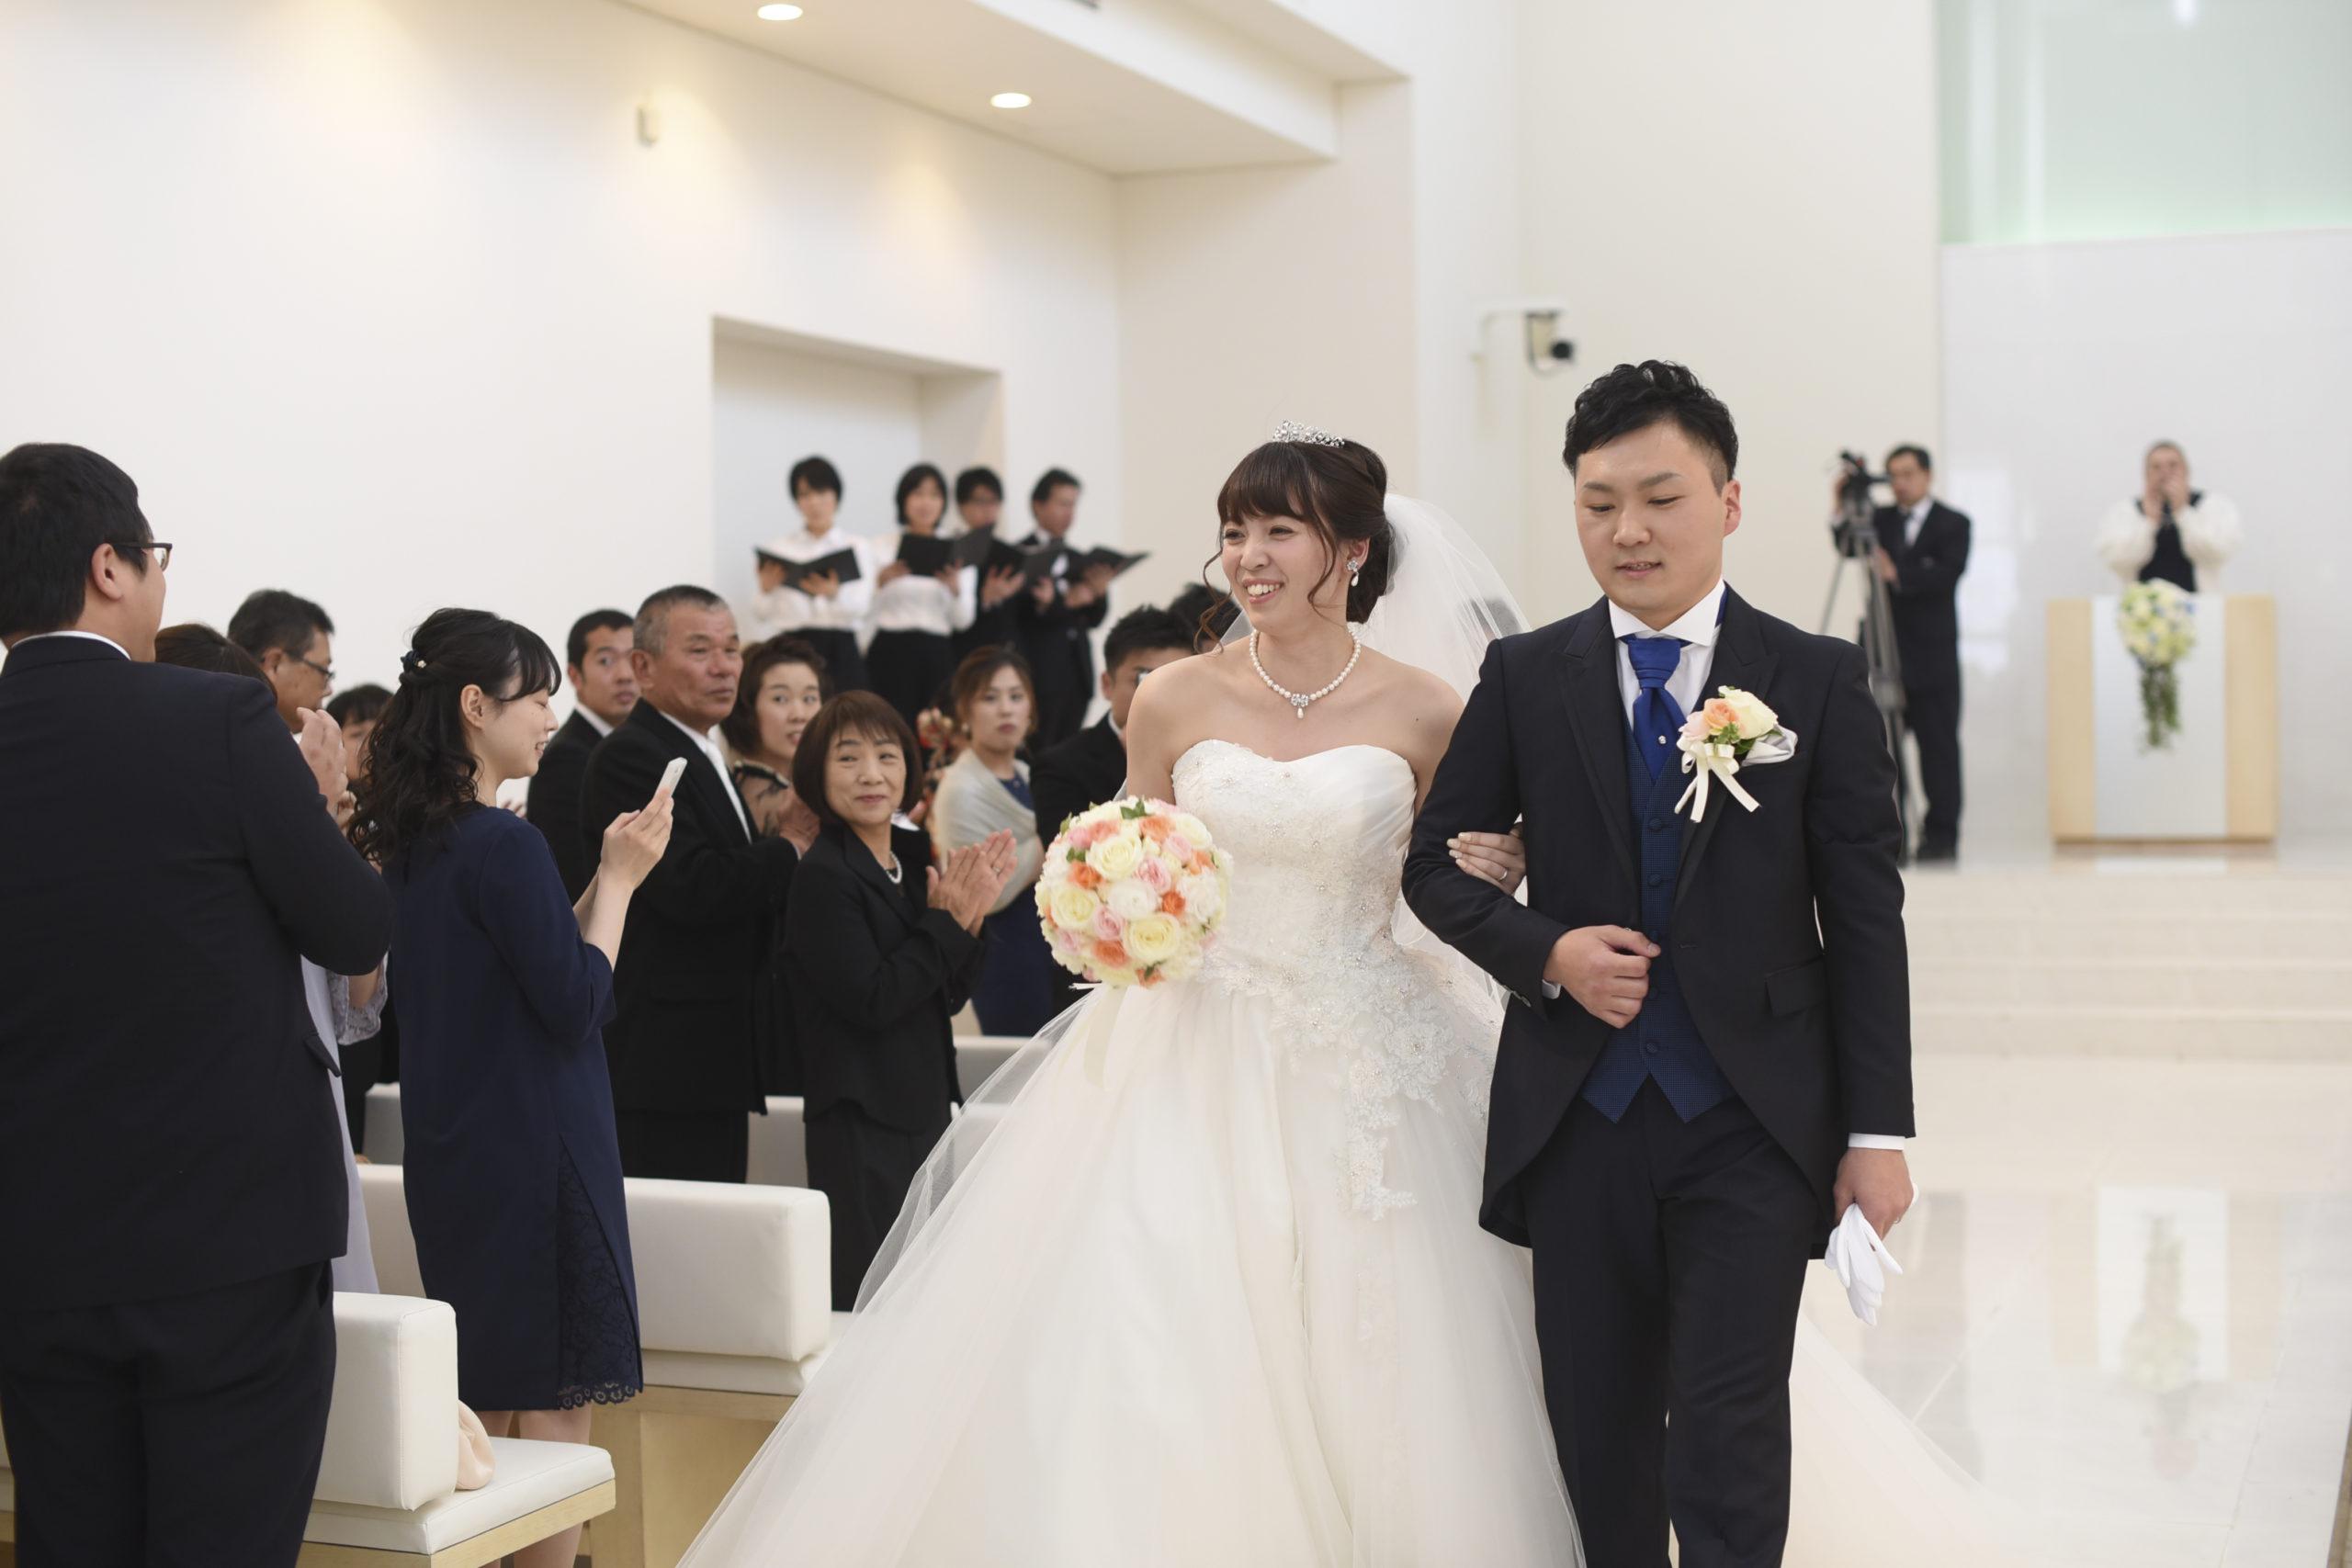 徳島市の結婚式場ブランアンジュでゲスト様から祝福をうけながら退場する新郎新婦様